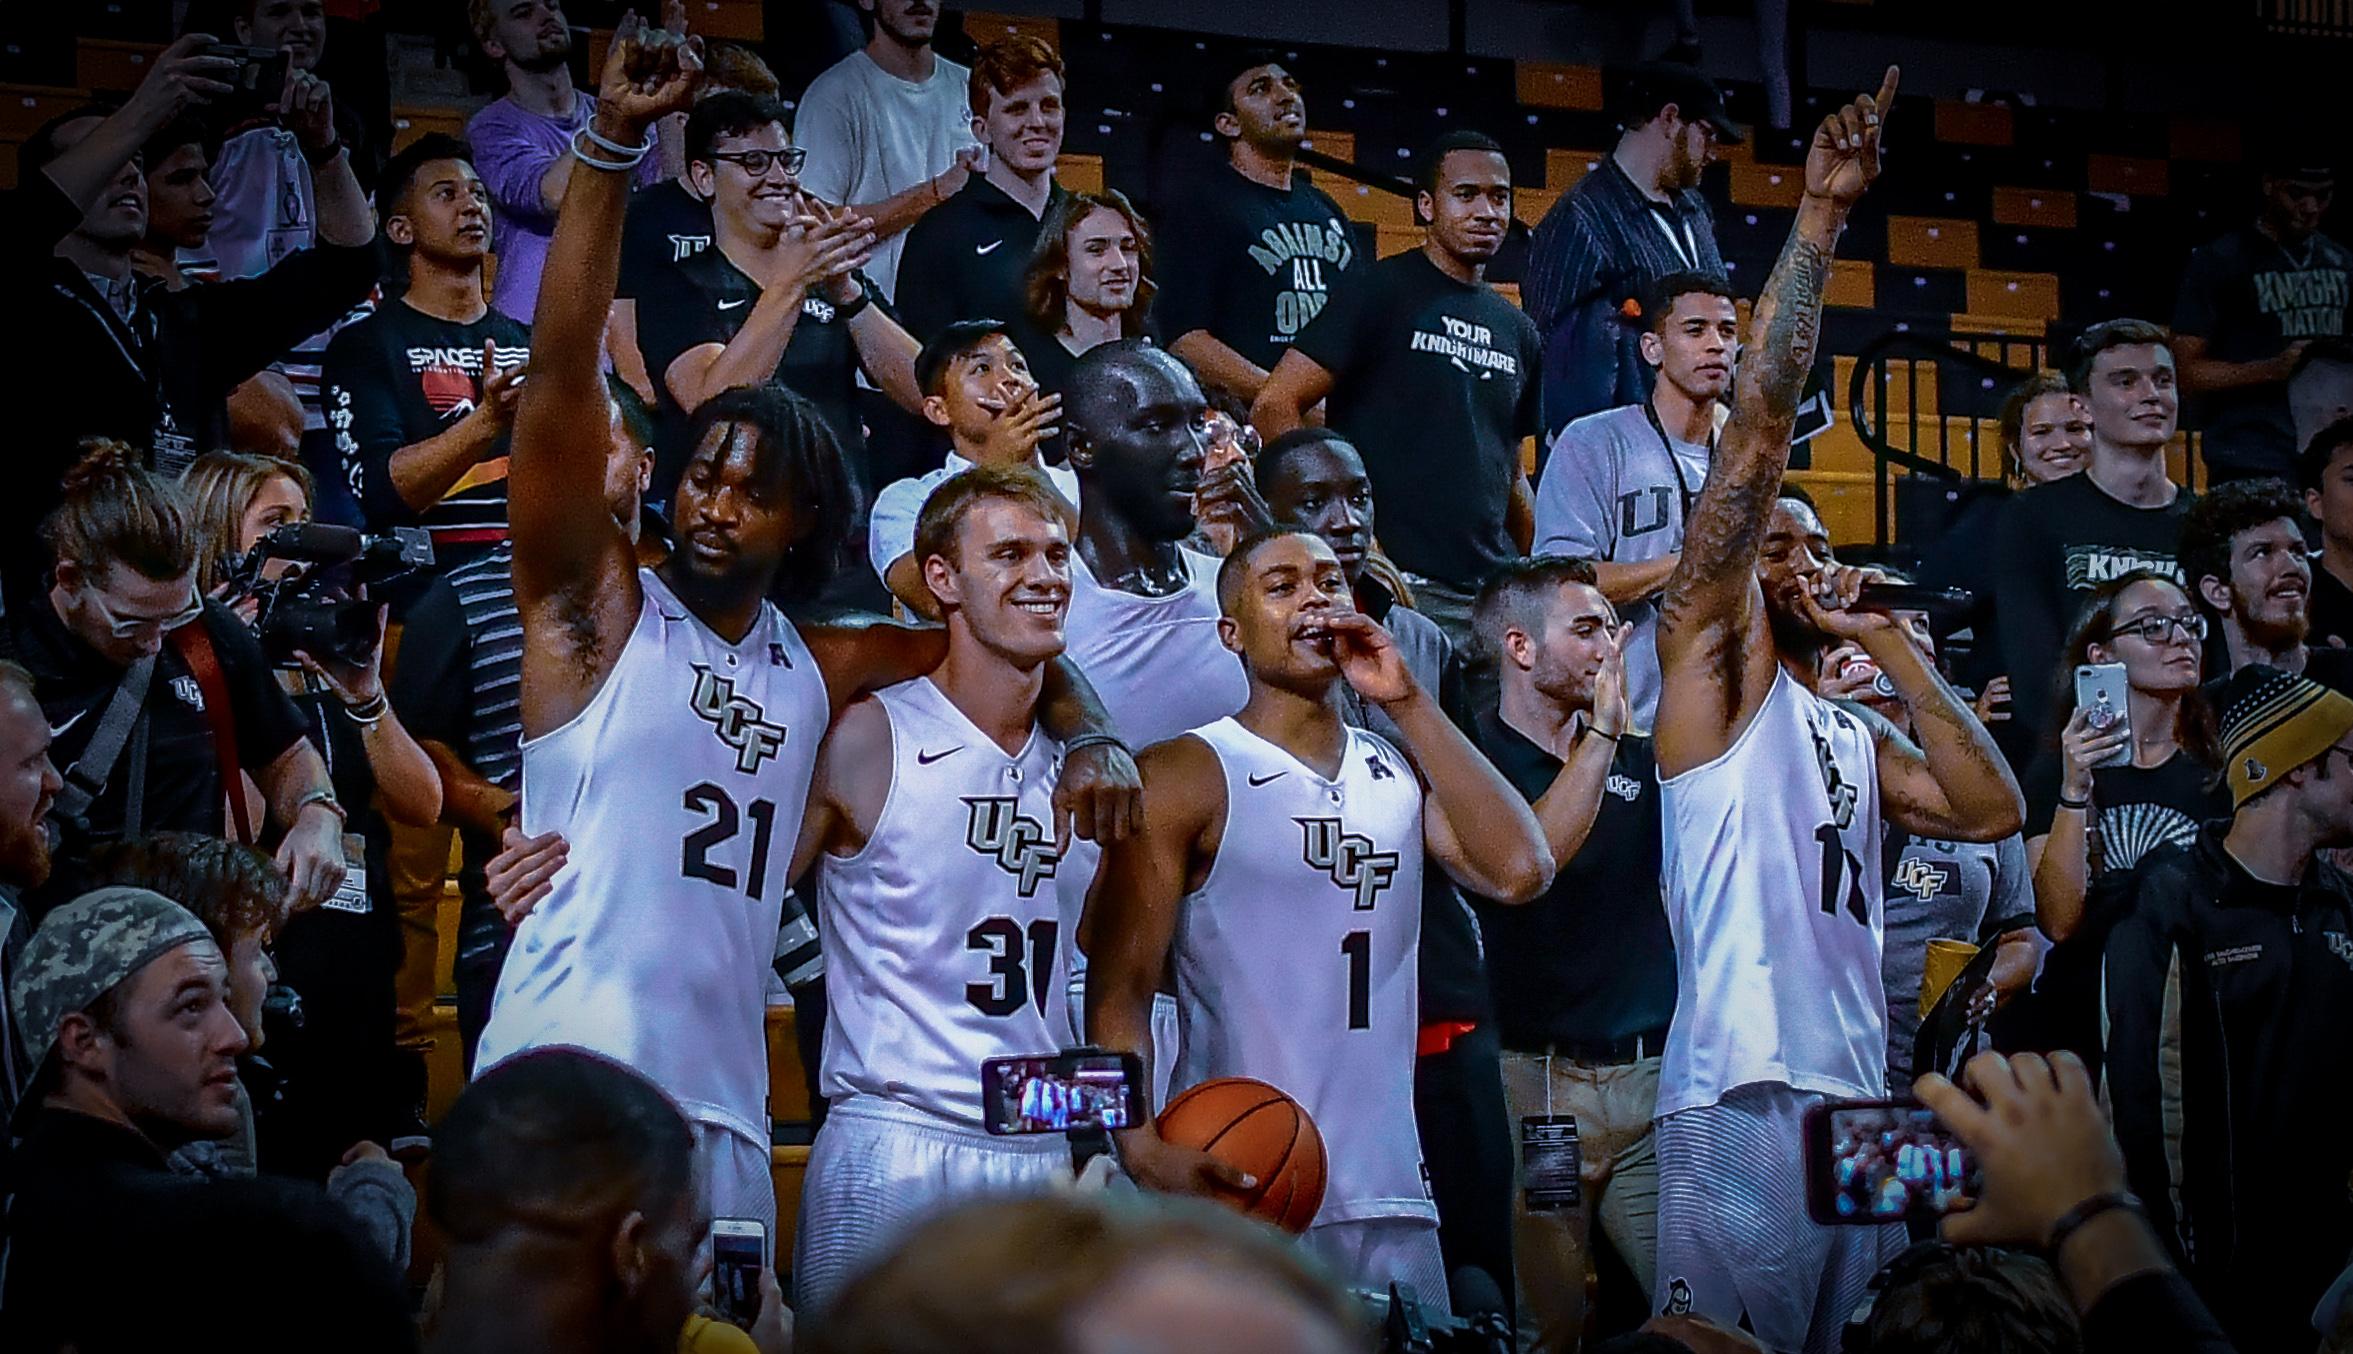 Basketball Seniors